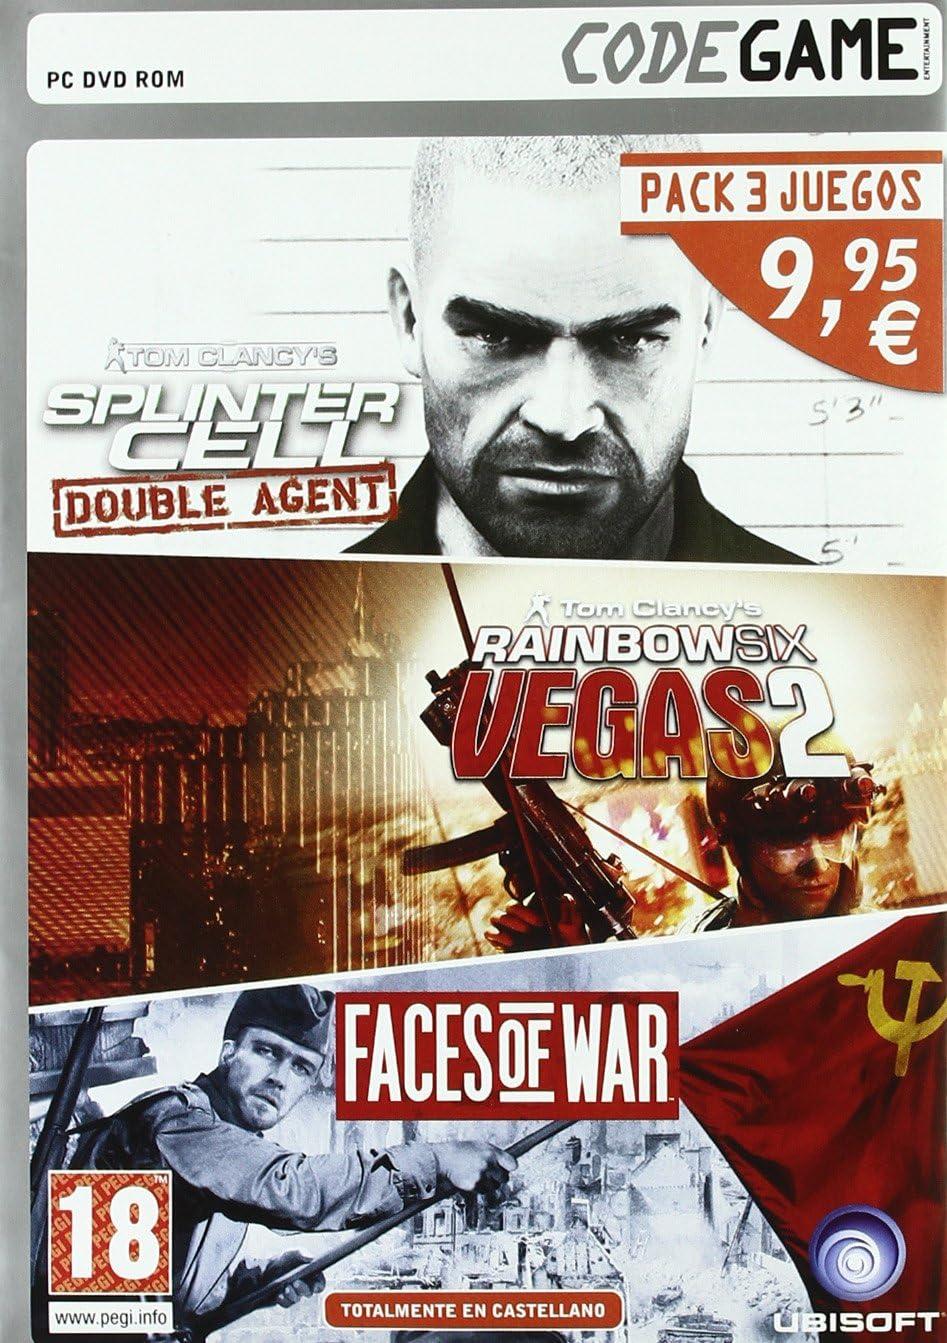 Pack 7 Codegame (3 Juegos)/Pc: Amazon.es: Videojuegos